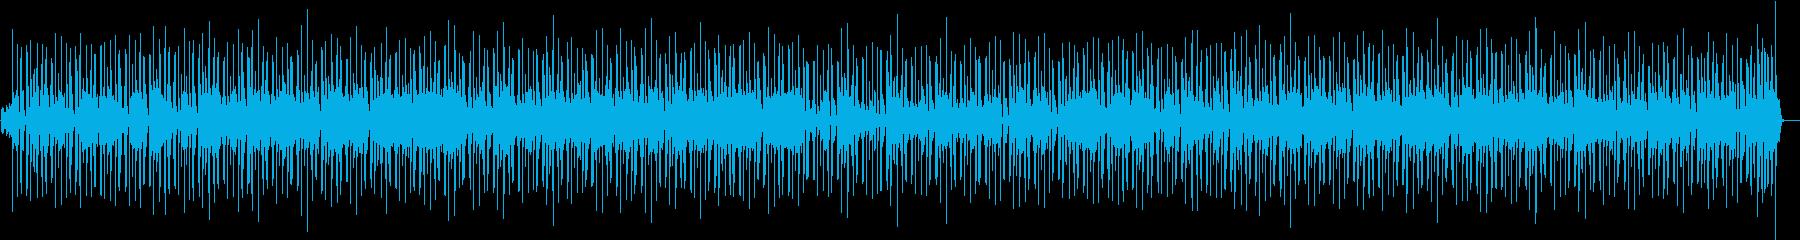 元気でパワーのあるニューオリンズ系ロックの再生済みの波形